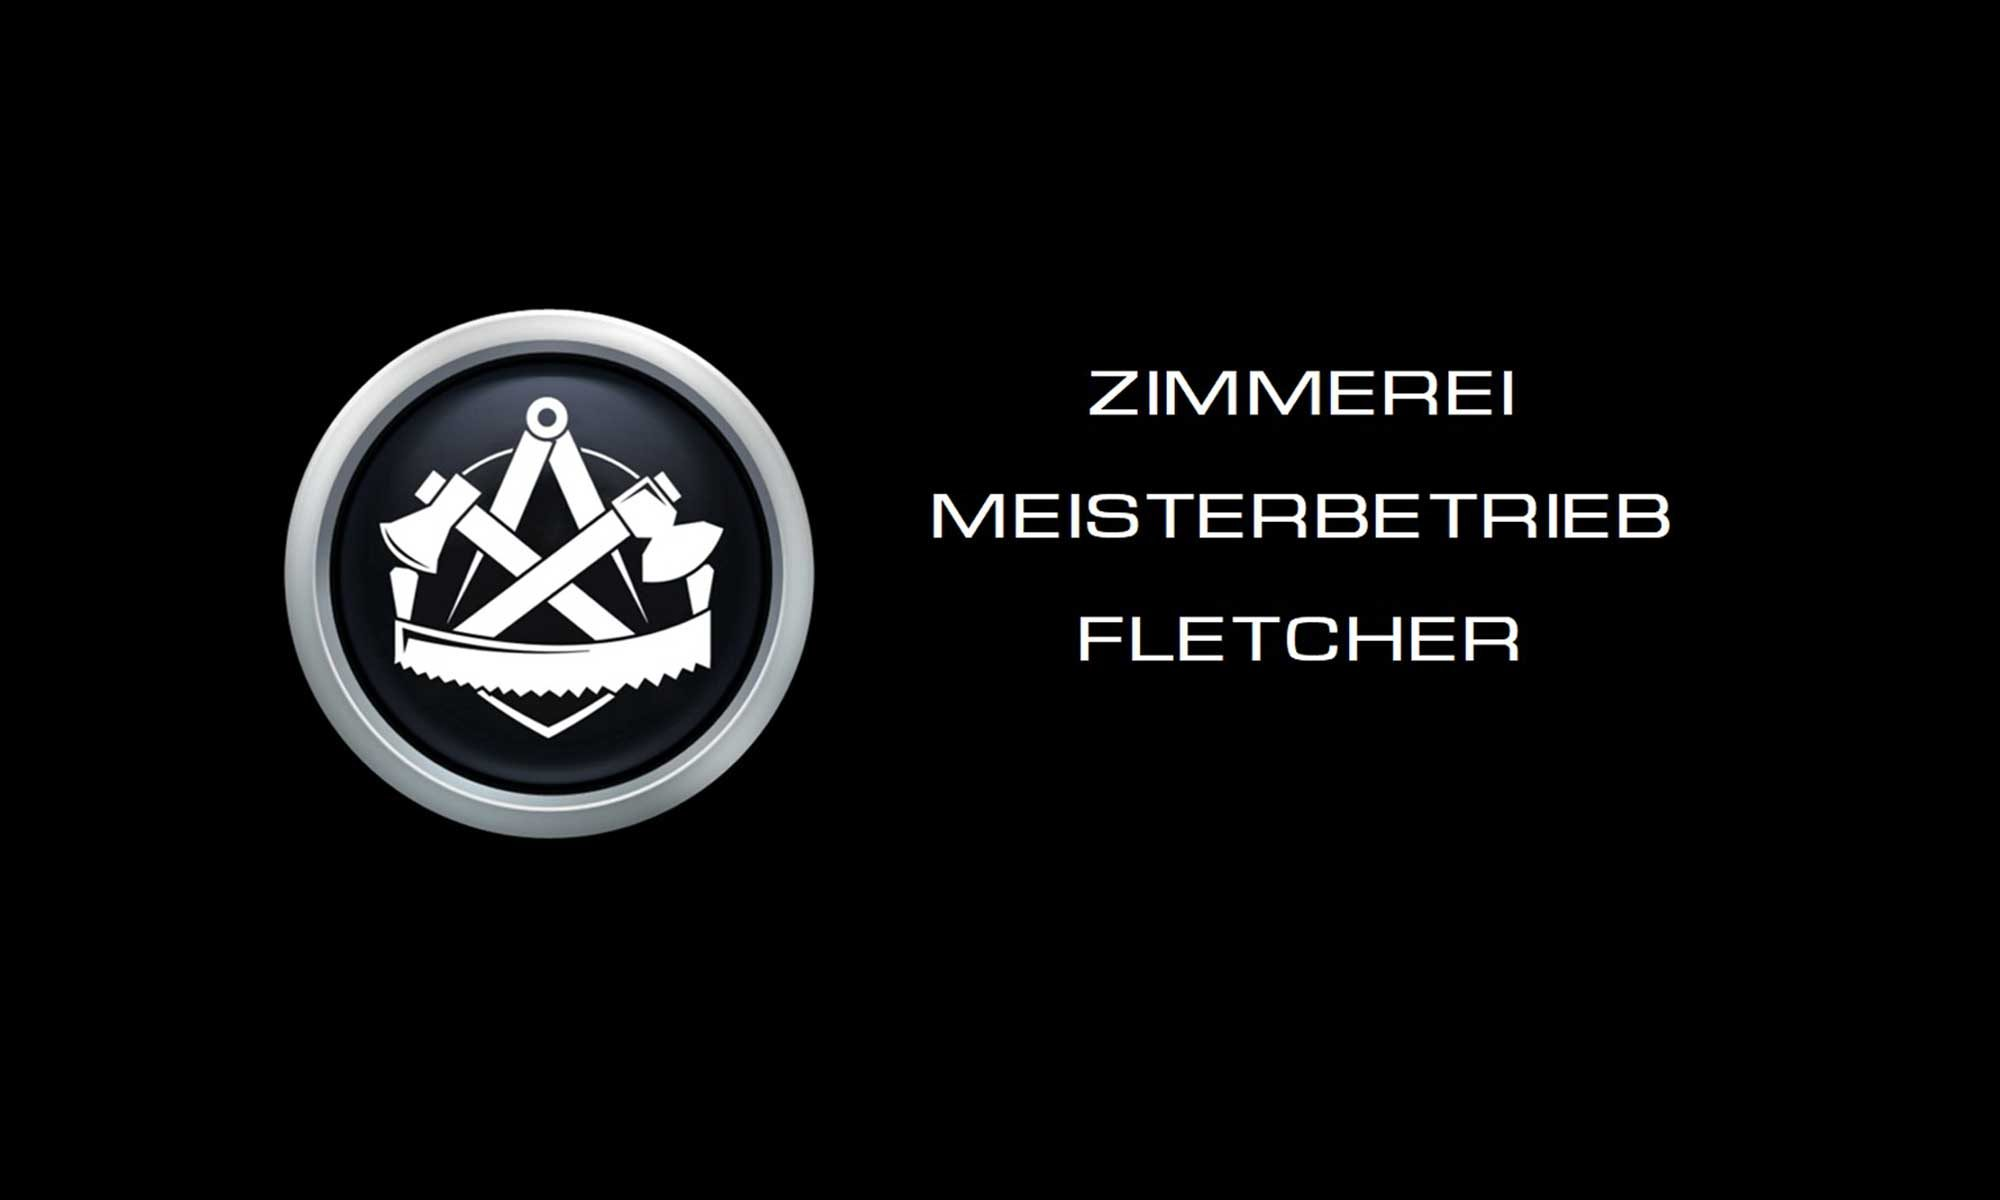 zimmereimeisterbetriebfletcher.com